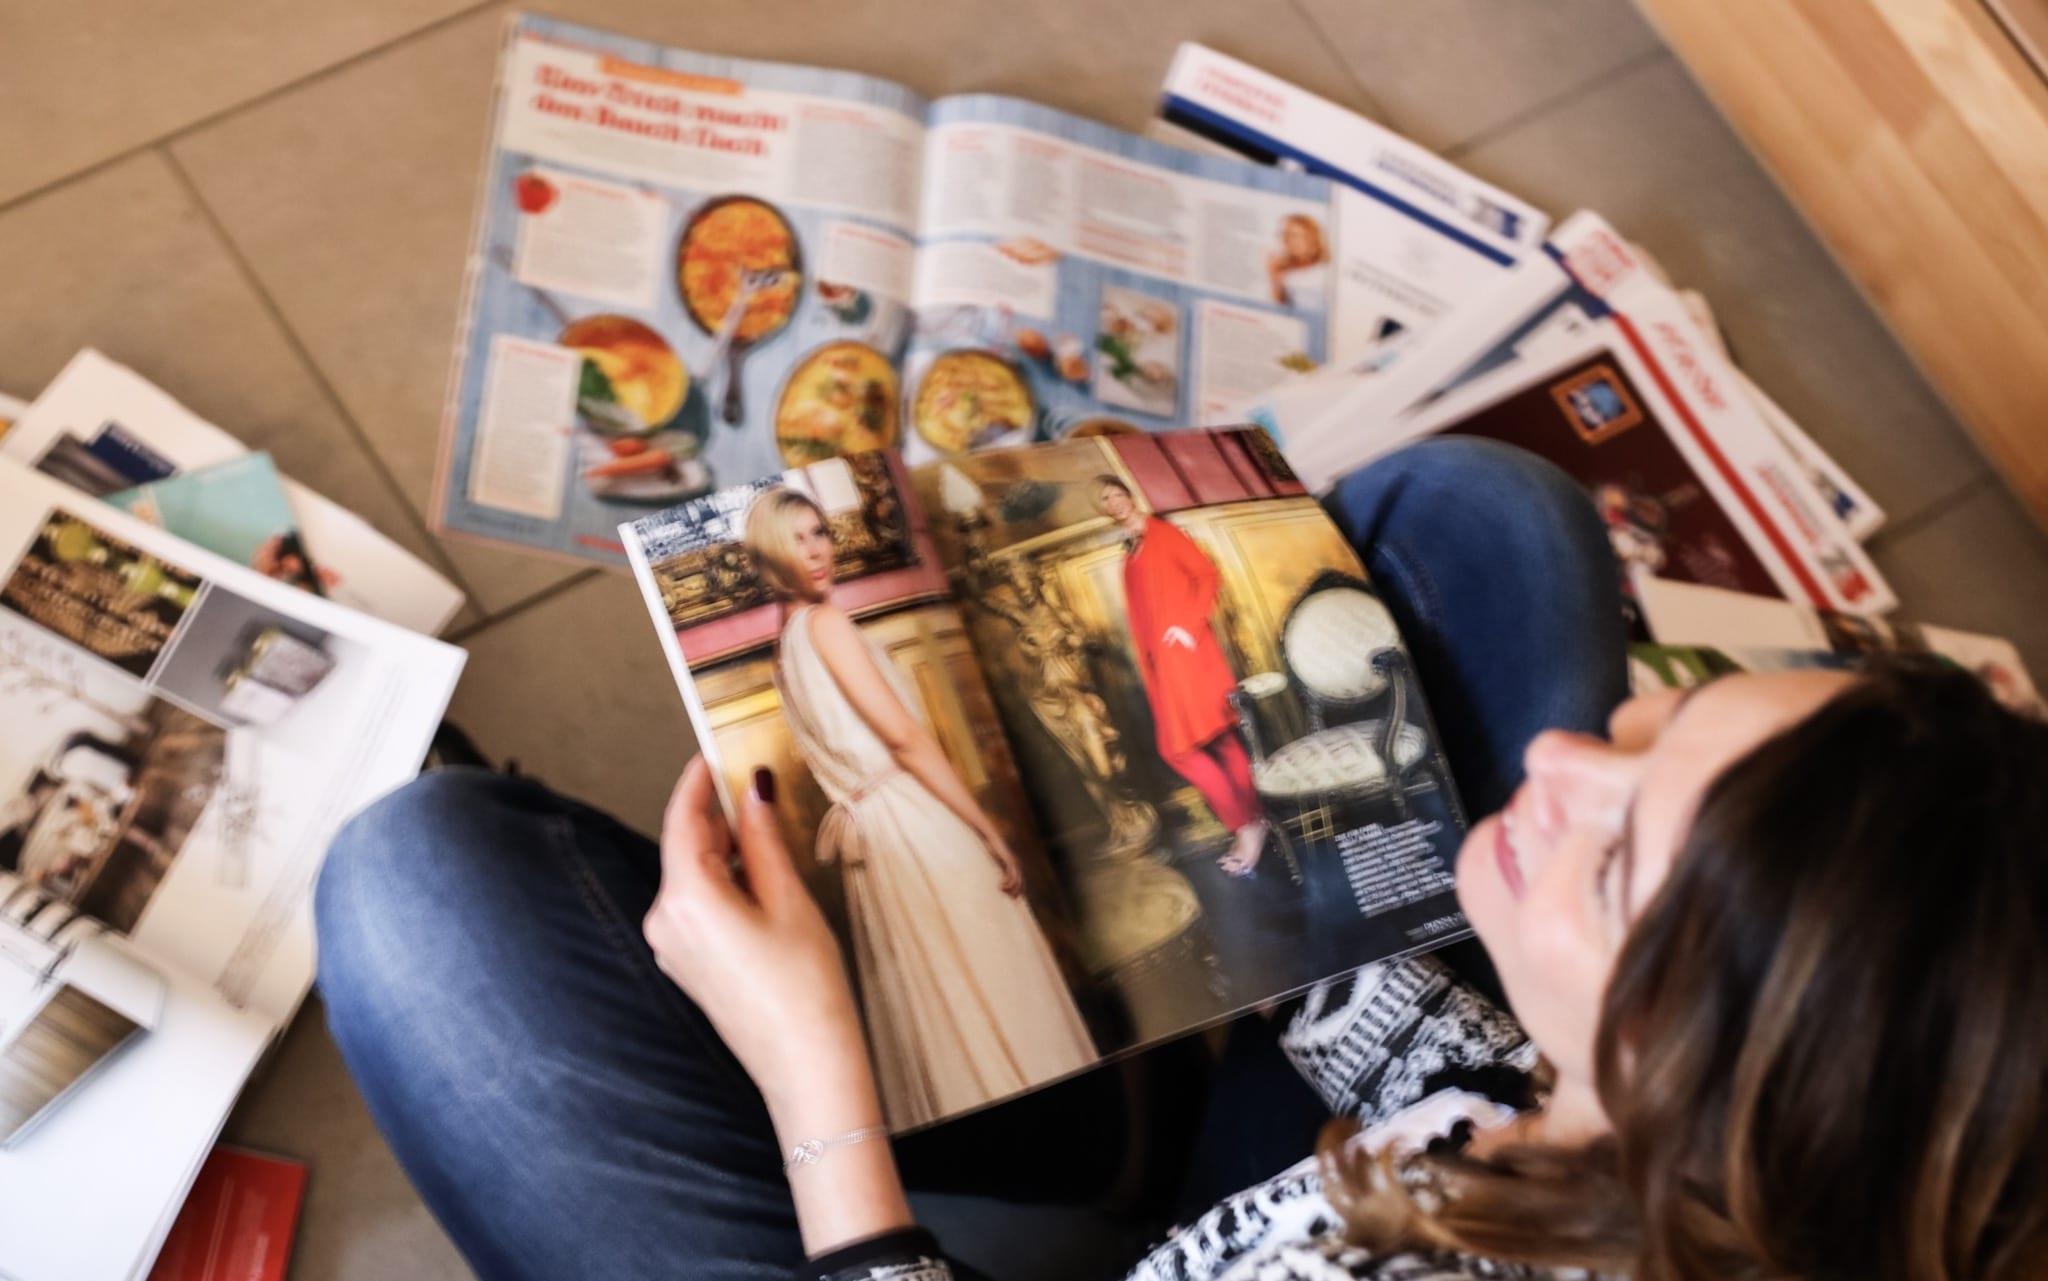 Zeitschriften-Liebhaber aufgepasst: Gewinne einen von drei Lesezirkel Gutscheinen im Wert von je 50 Euro!